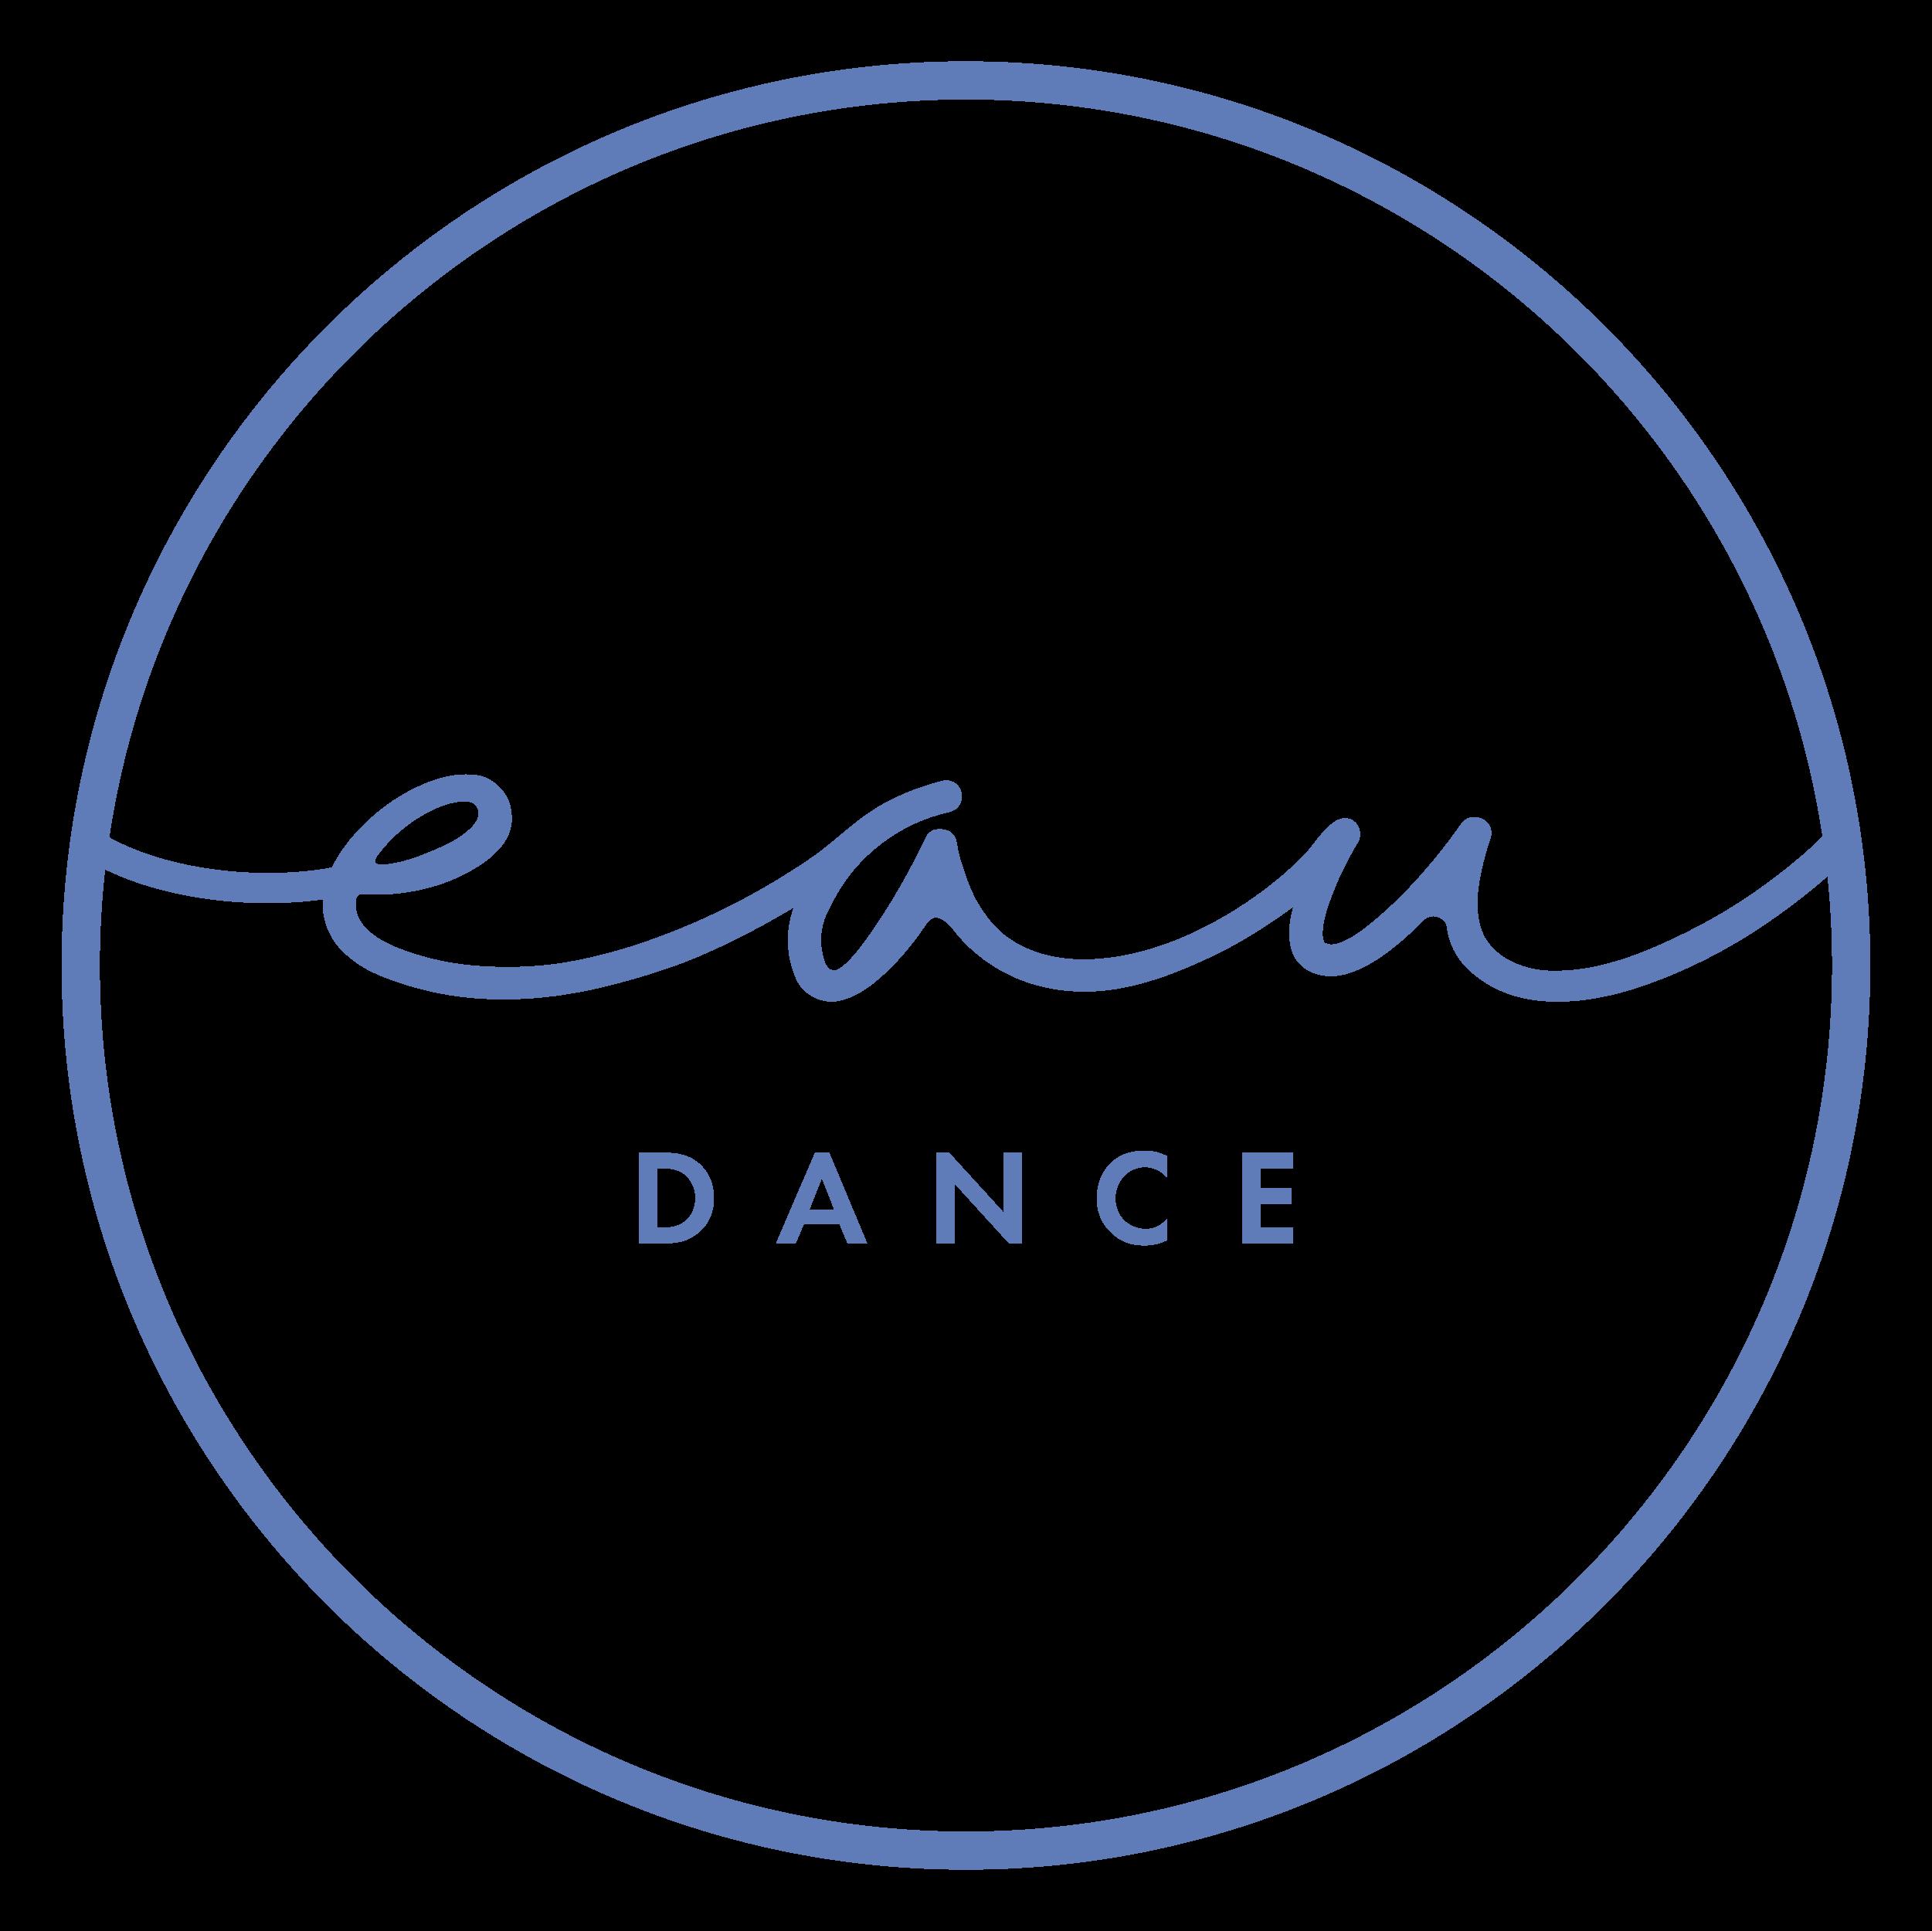 EAU Dance